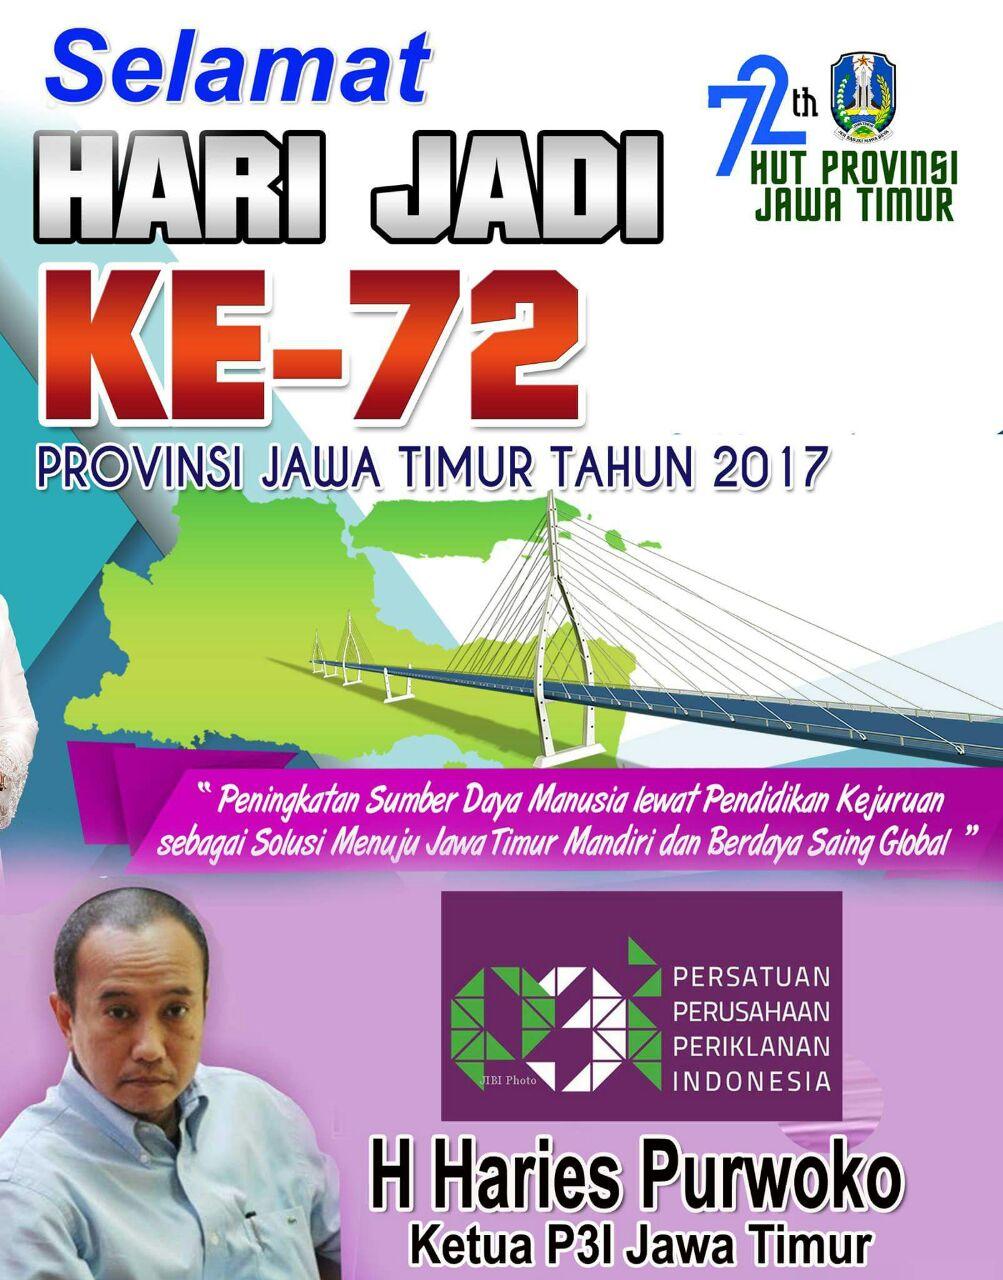 Ketua P3I Jatim Mengucapkan Selamat HUT Provinsi Jatim ke-72